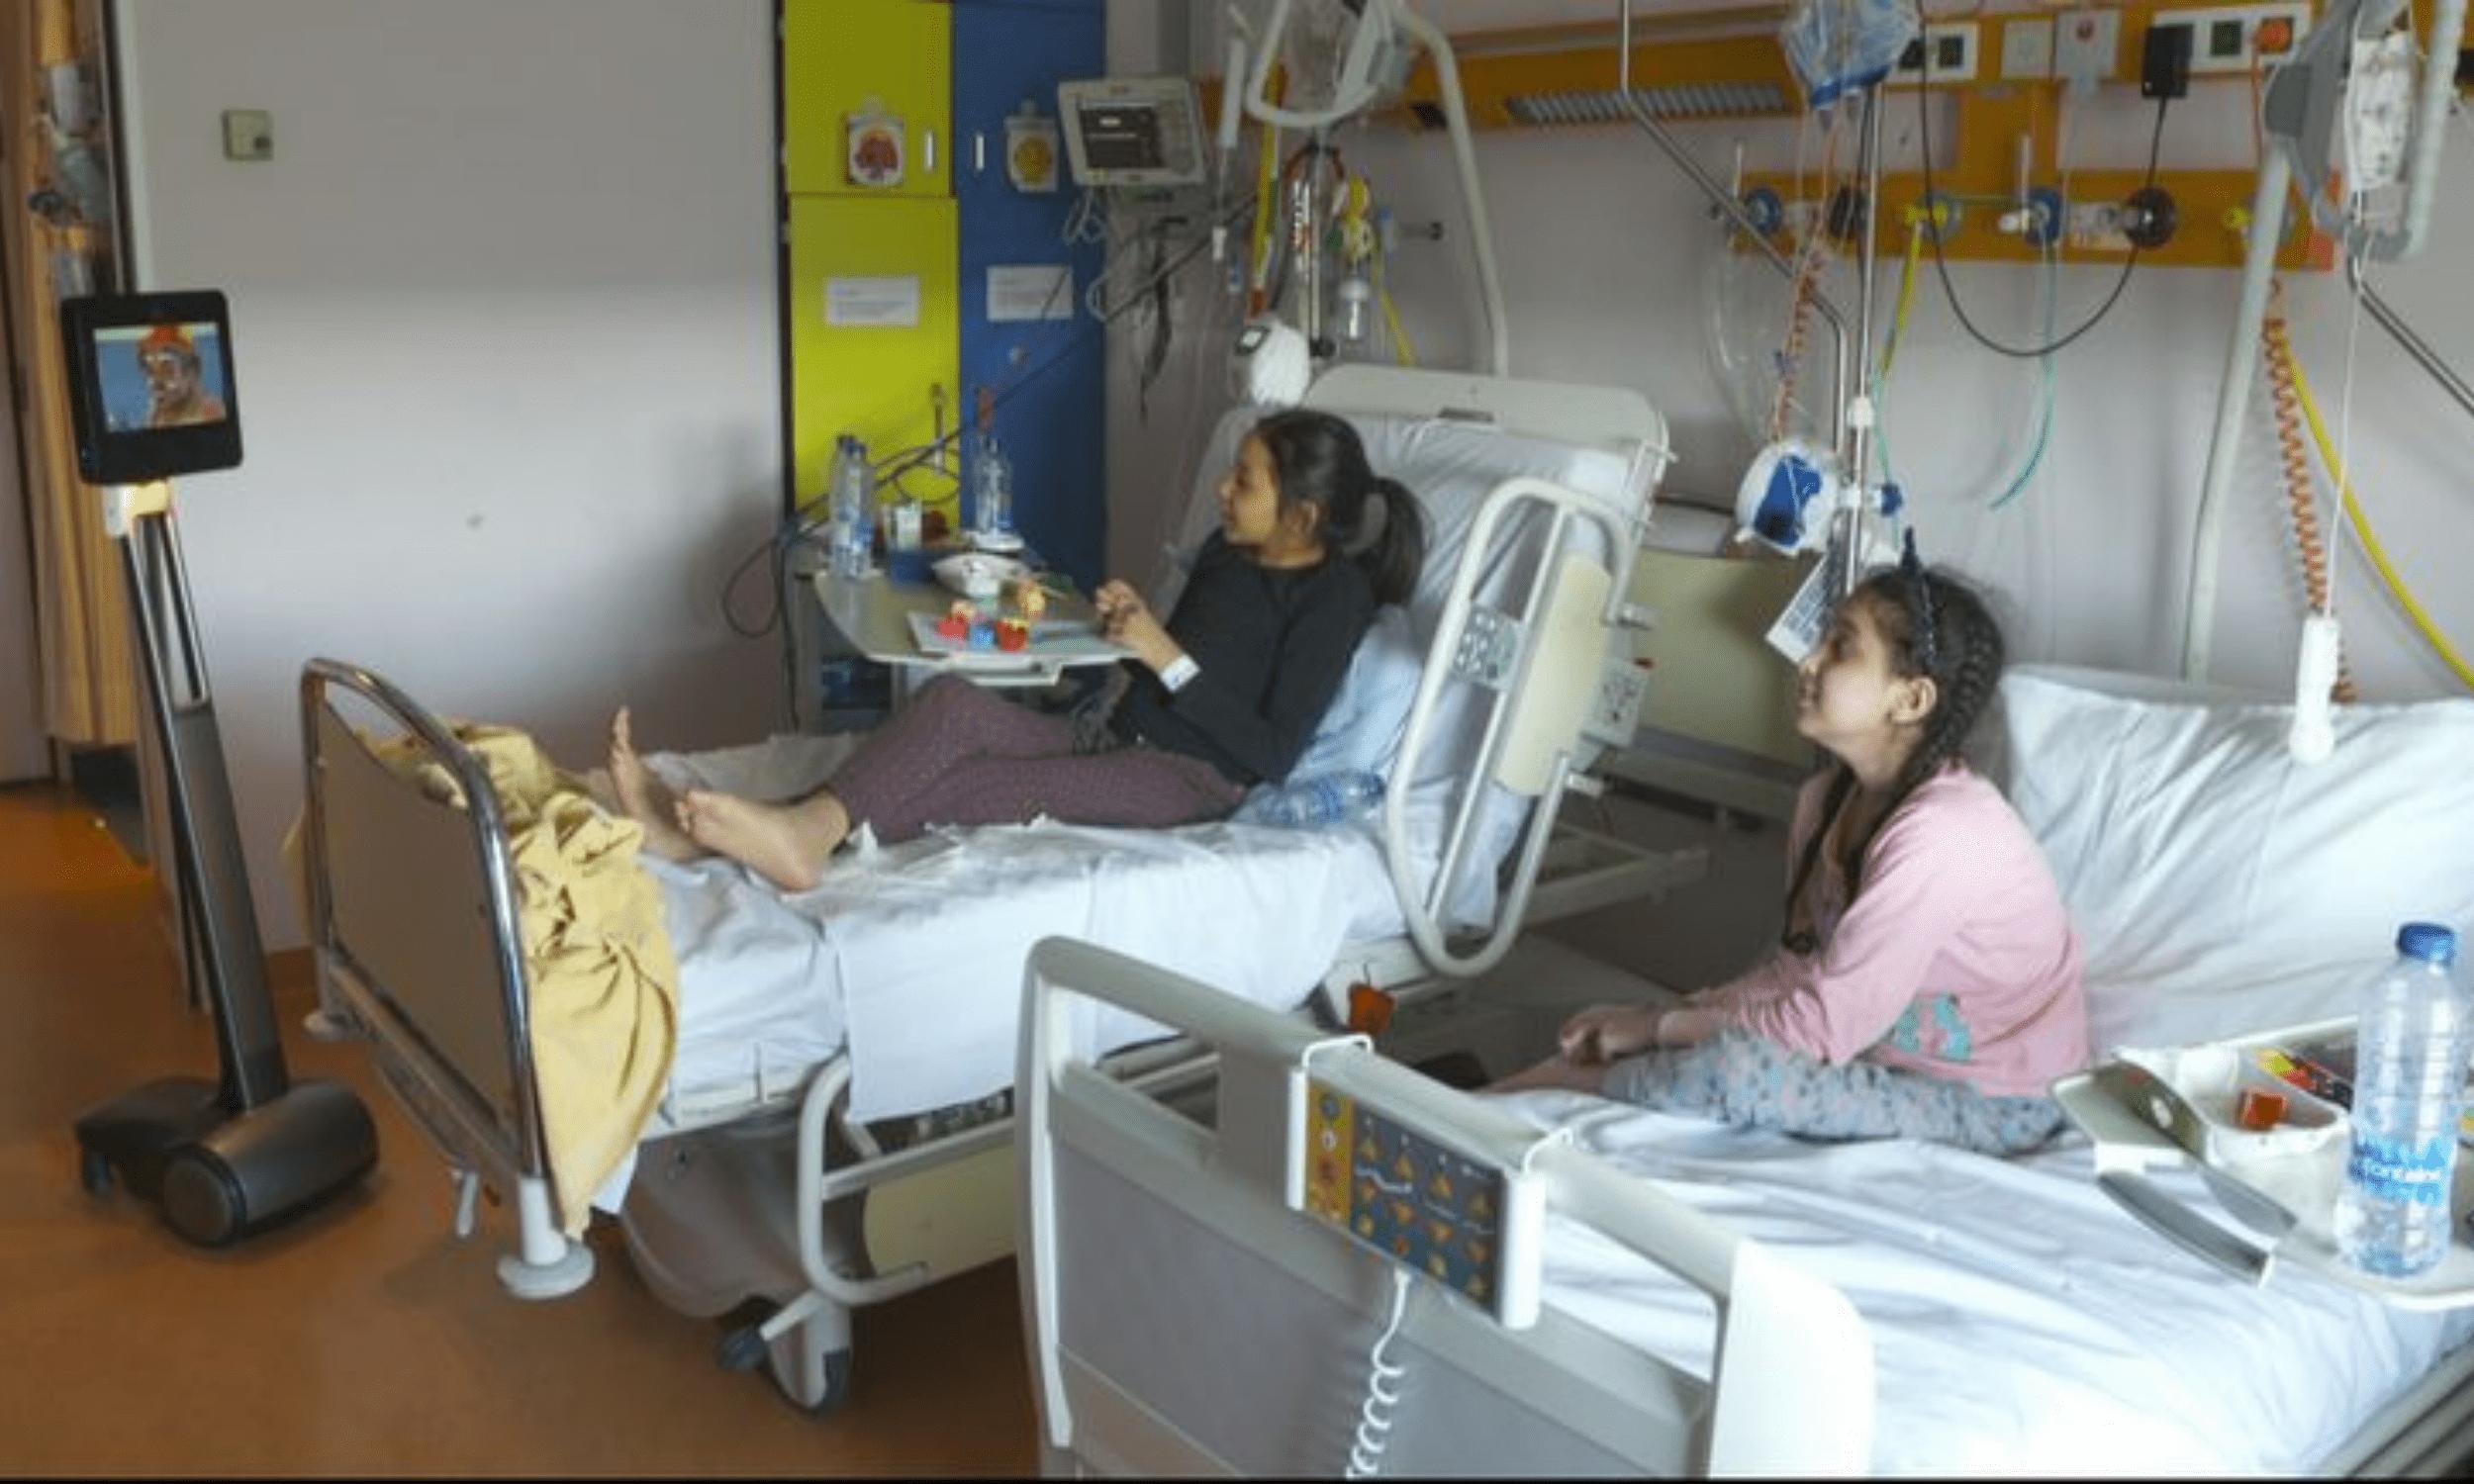 """En Belgique, l'UCLouvain – Université catholique de Louvain a mis son robot """"Mister #Beam 🤖🤡"""" à disposition d'un hôpital afin de distraire les jeunes patients et leur redonner le sourire en cette période d'isolement, durant laquelle les visites et les animations sont limitées."""